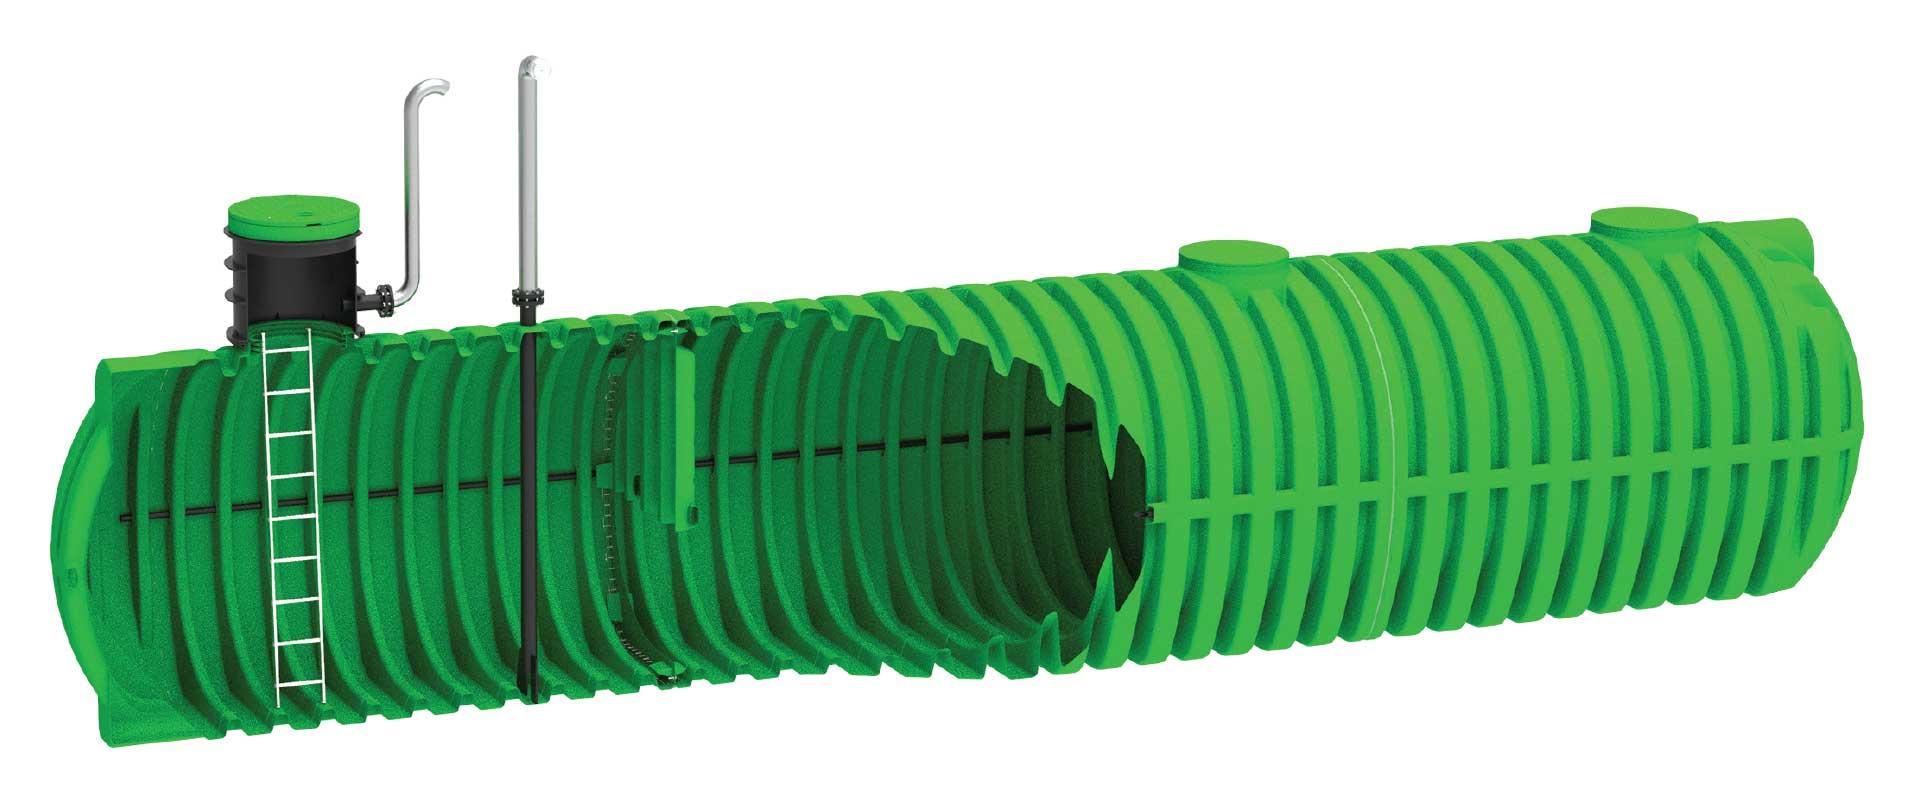 ROTO Roterra sistemi za požarno vodo rezervoarji za vodo deževnico zbiralnik ekologija voda varovanje okolja